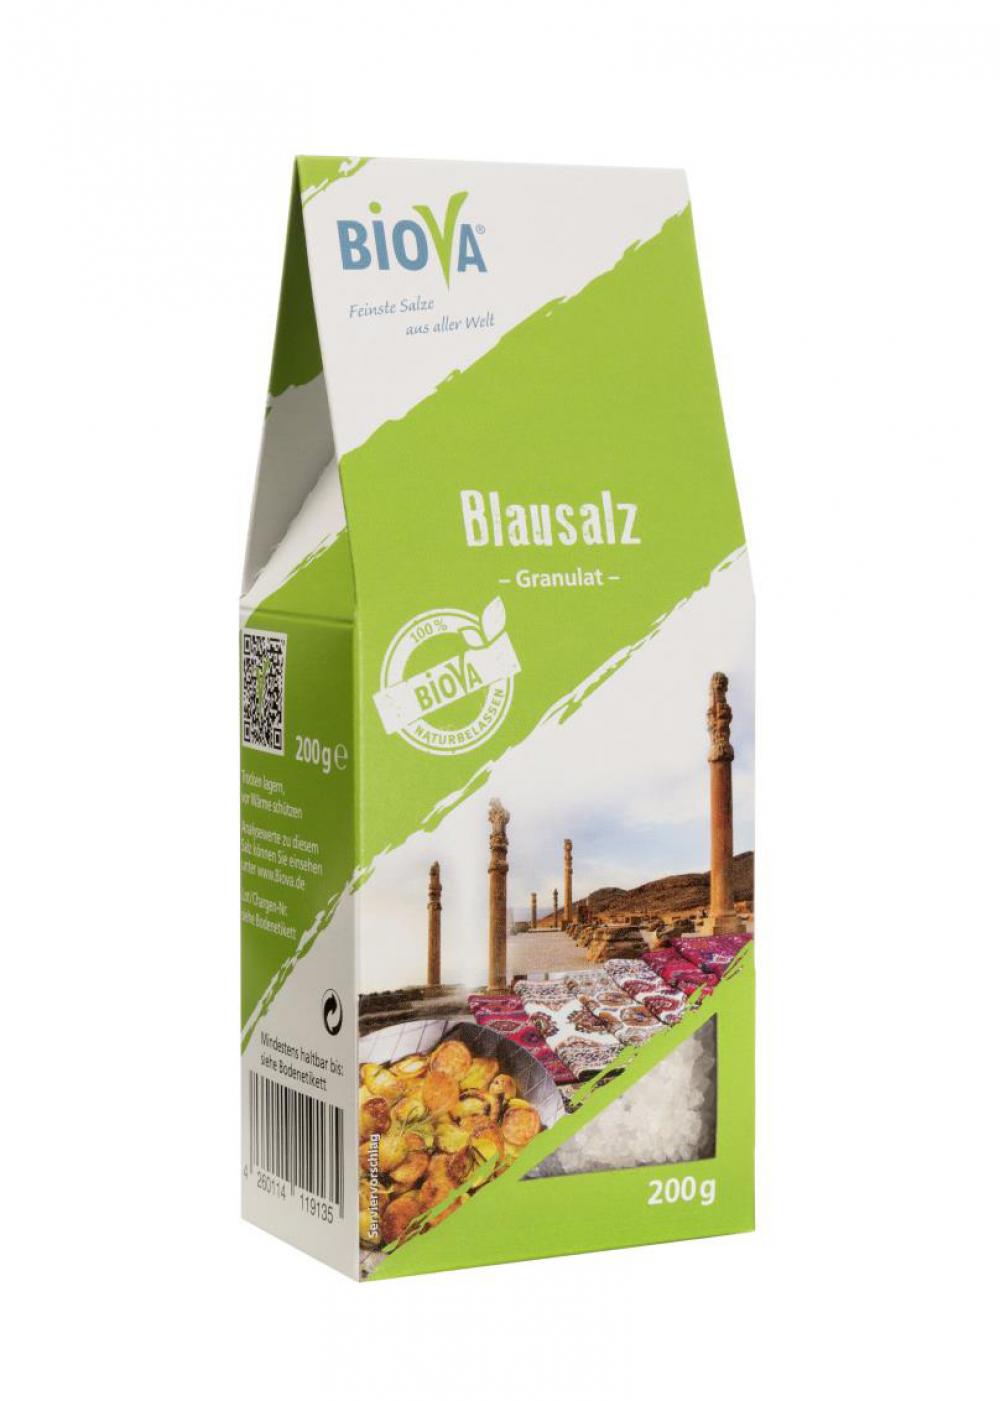 Biova Gourmetsalz Blausalz Granulat 2-5mm 200g Faltschachtel